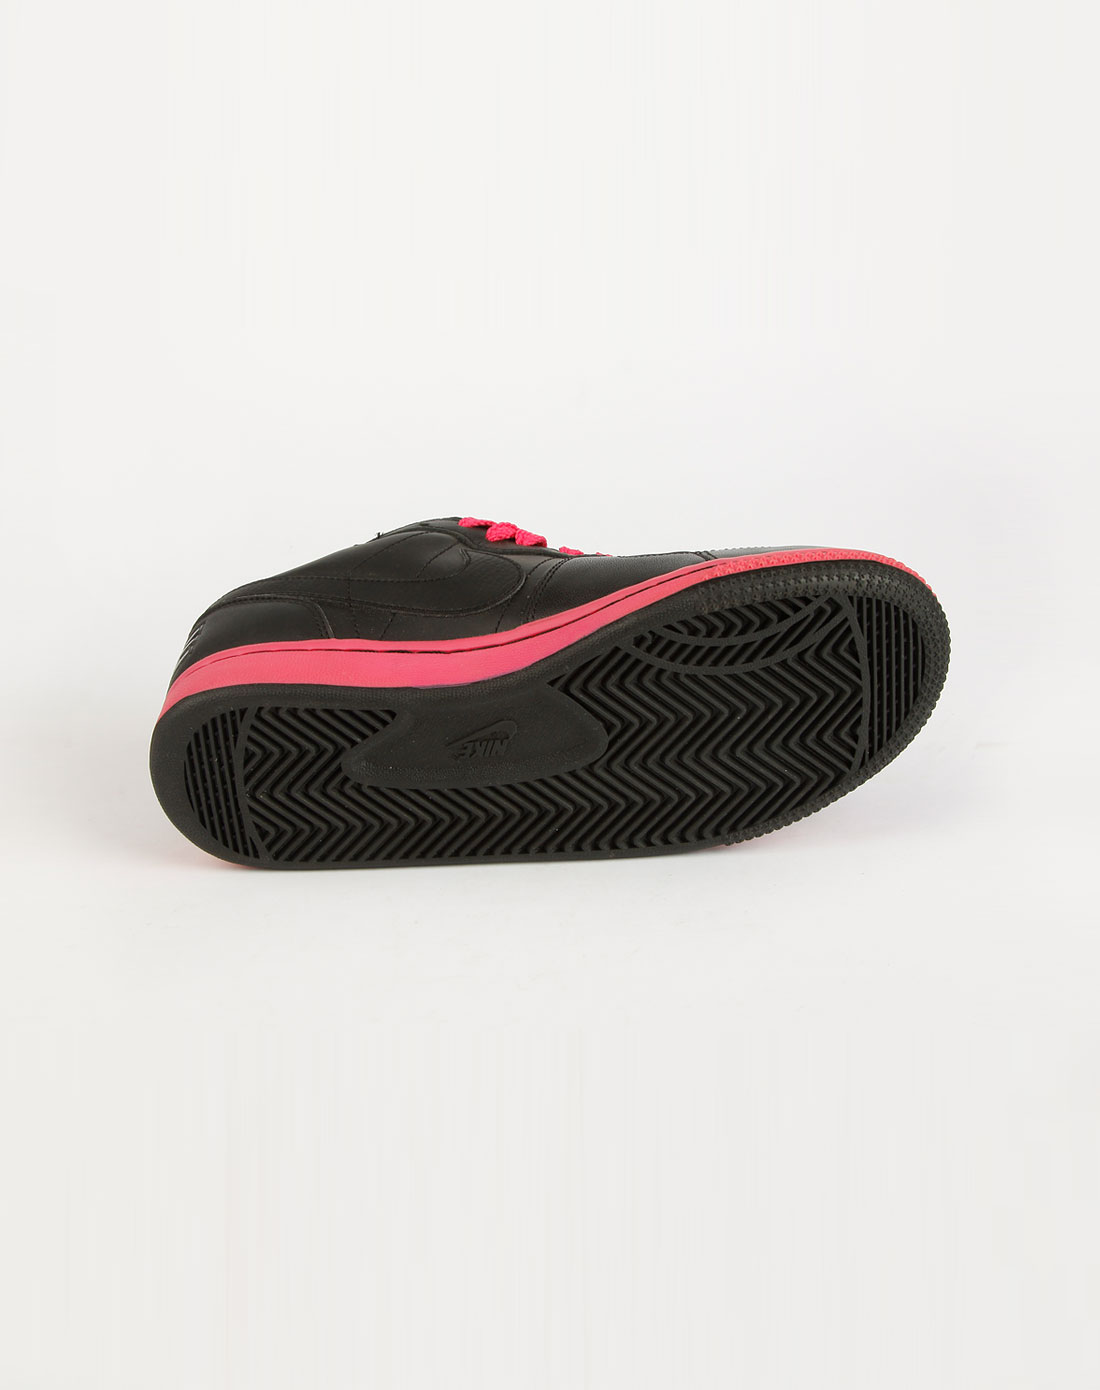 耐克nike女装专场-黑/玫红色网点运动鞋